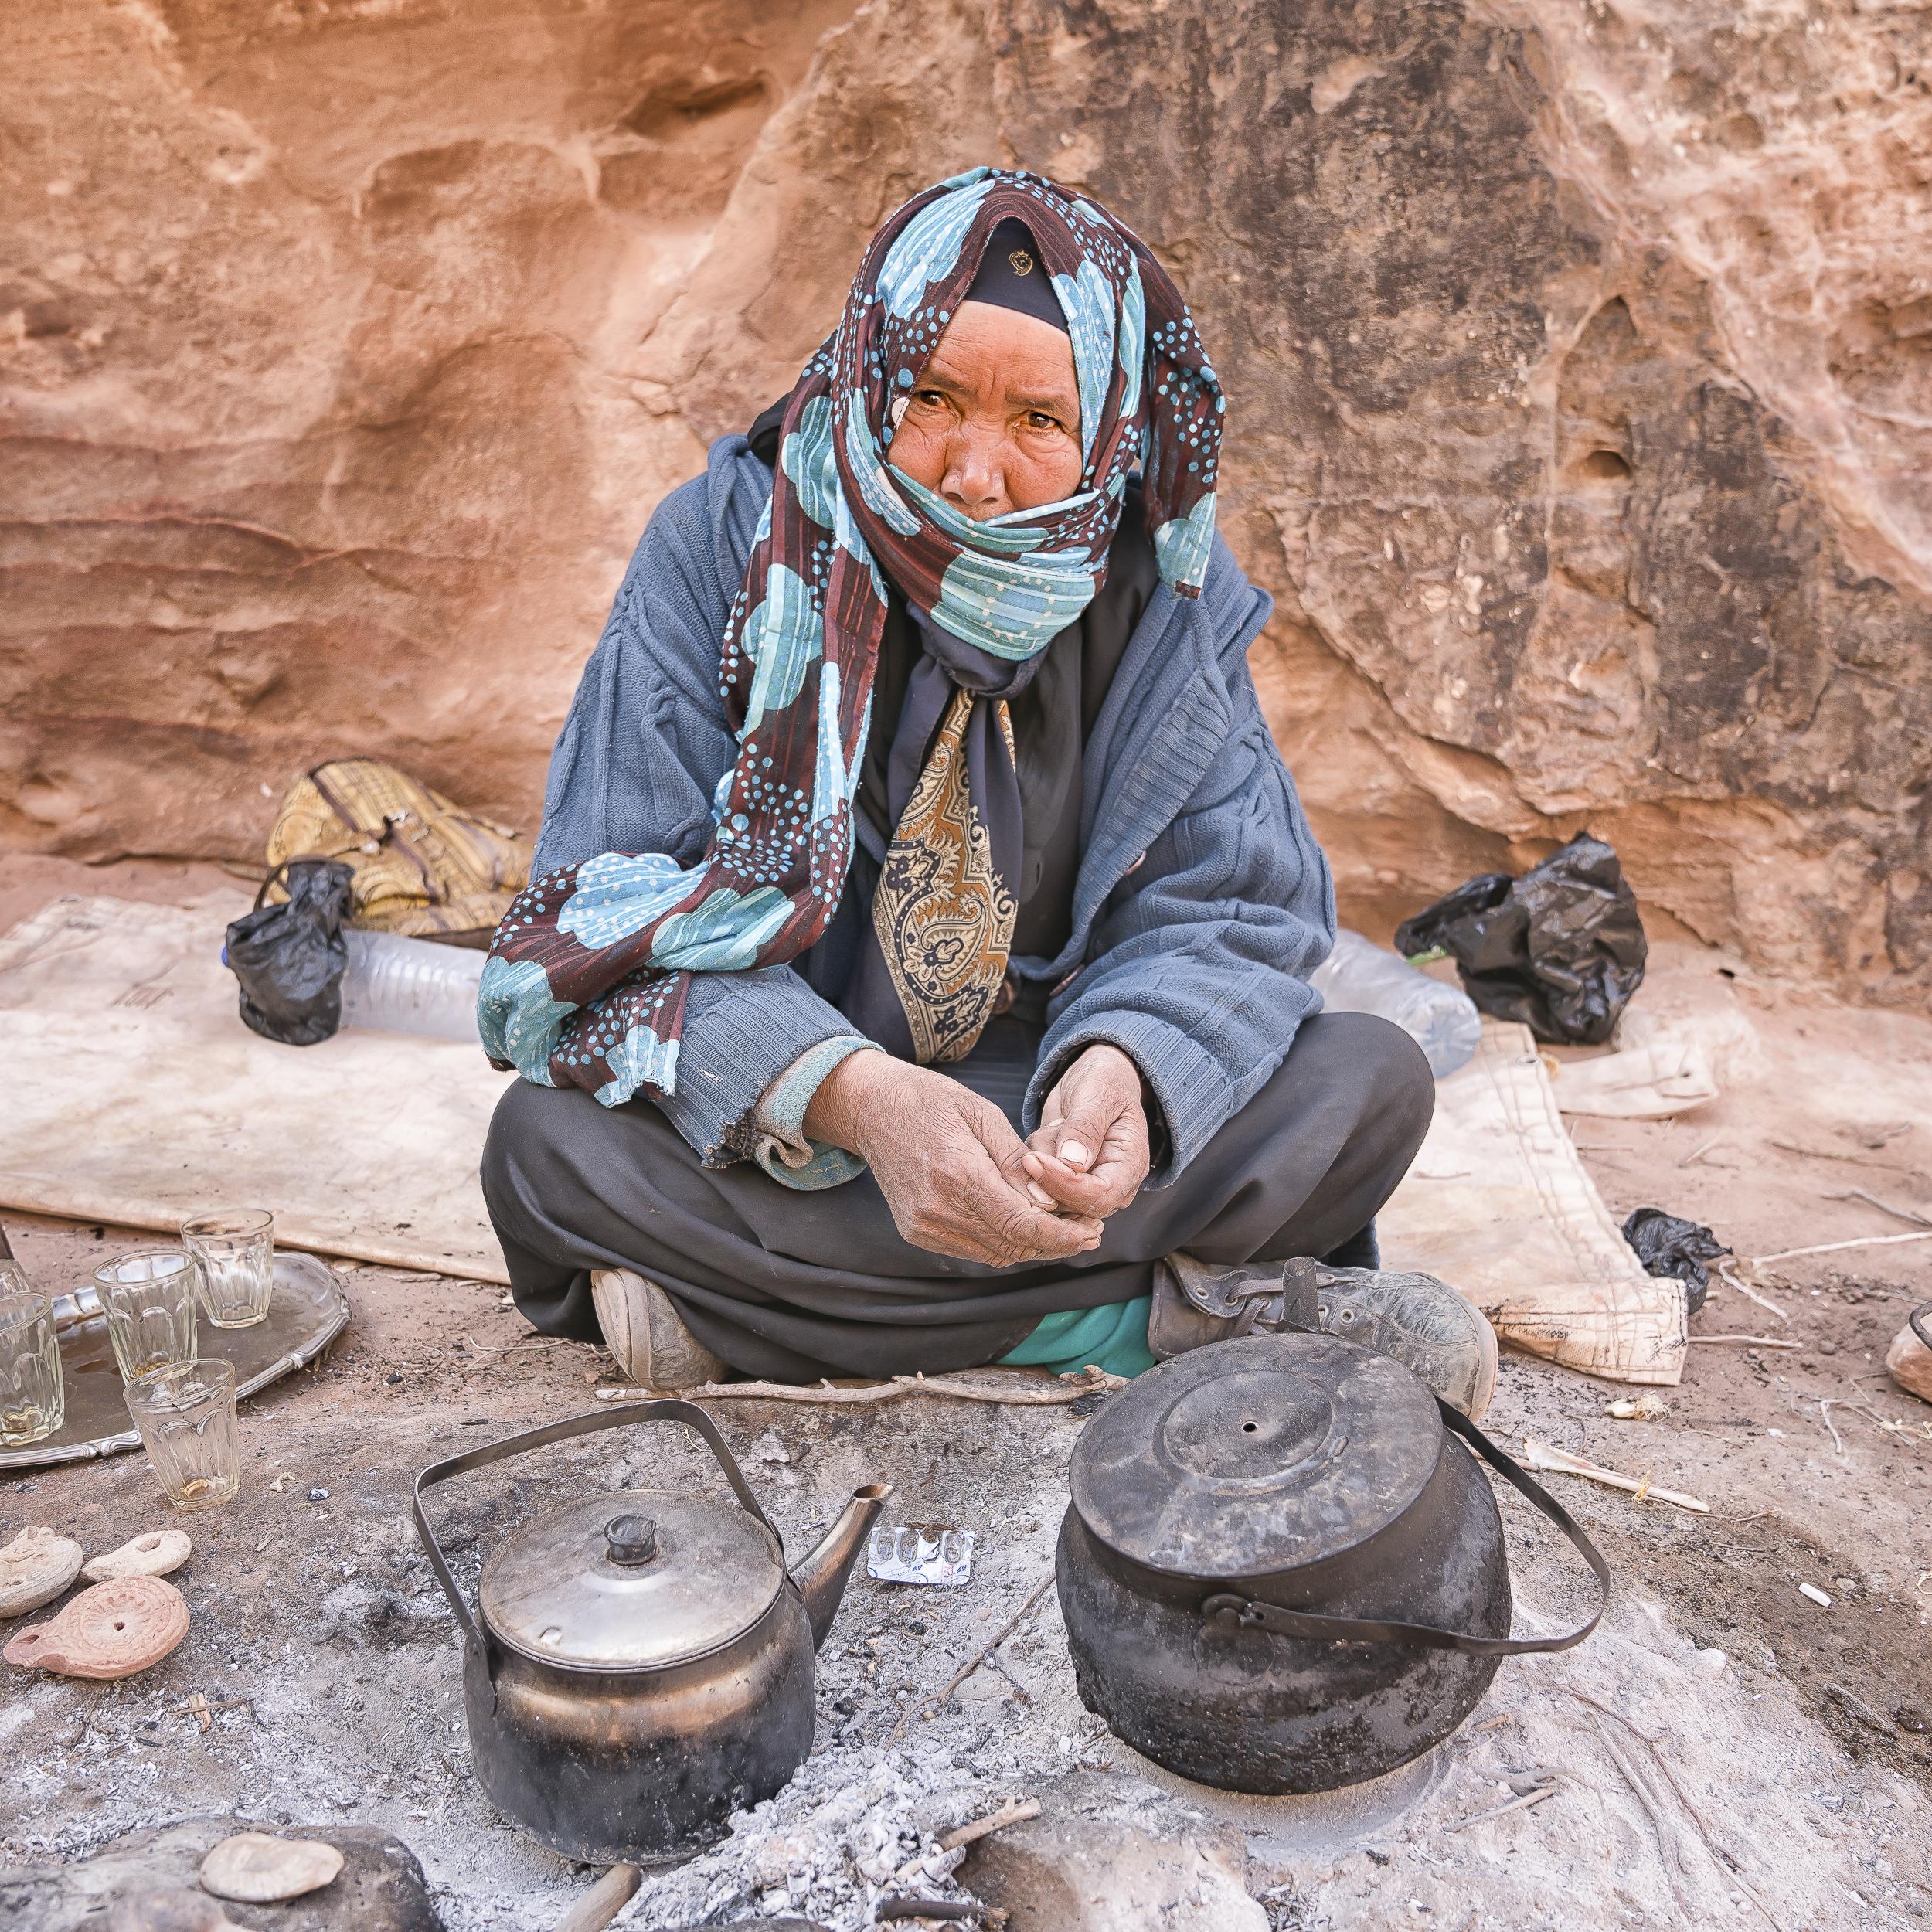 Bedouin woman serving tea